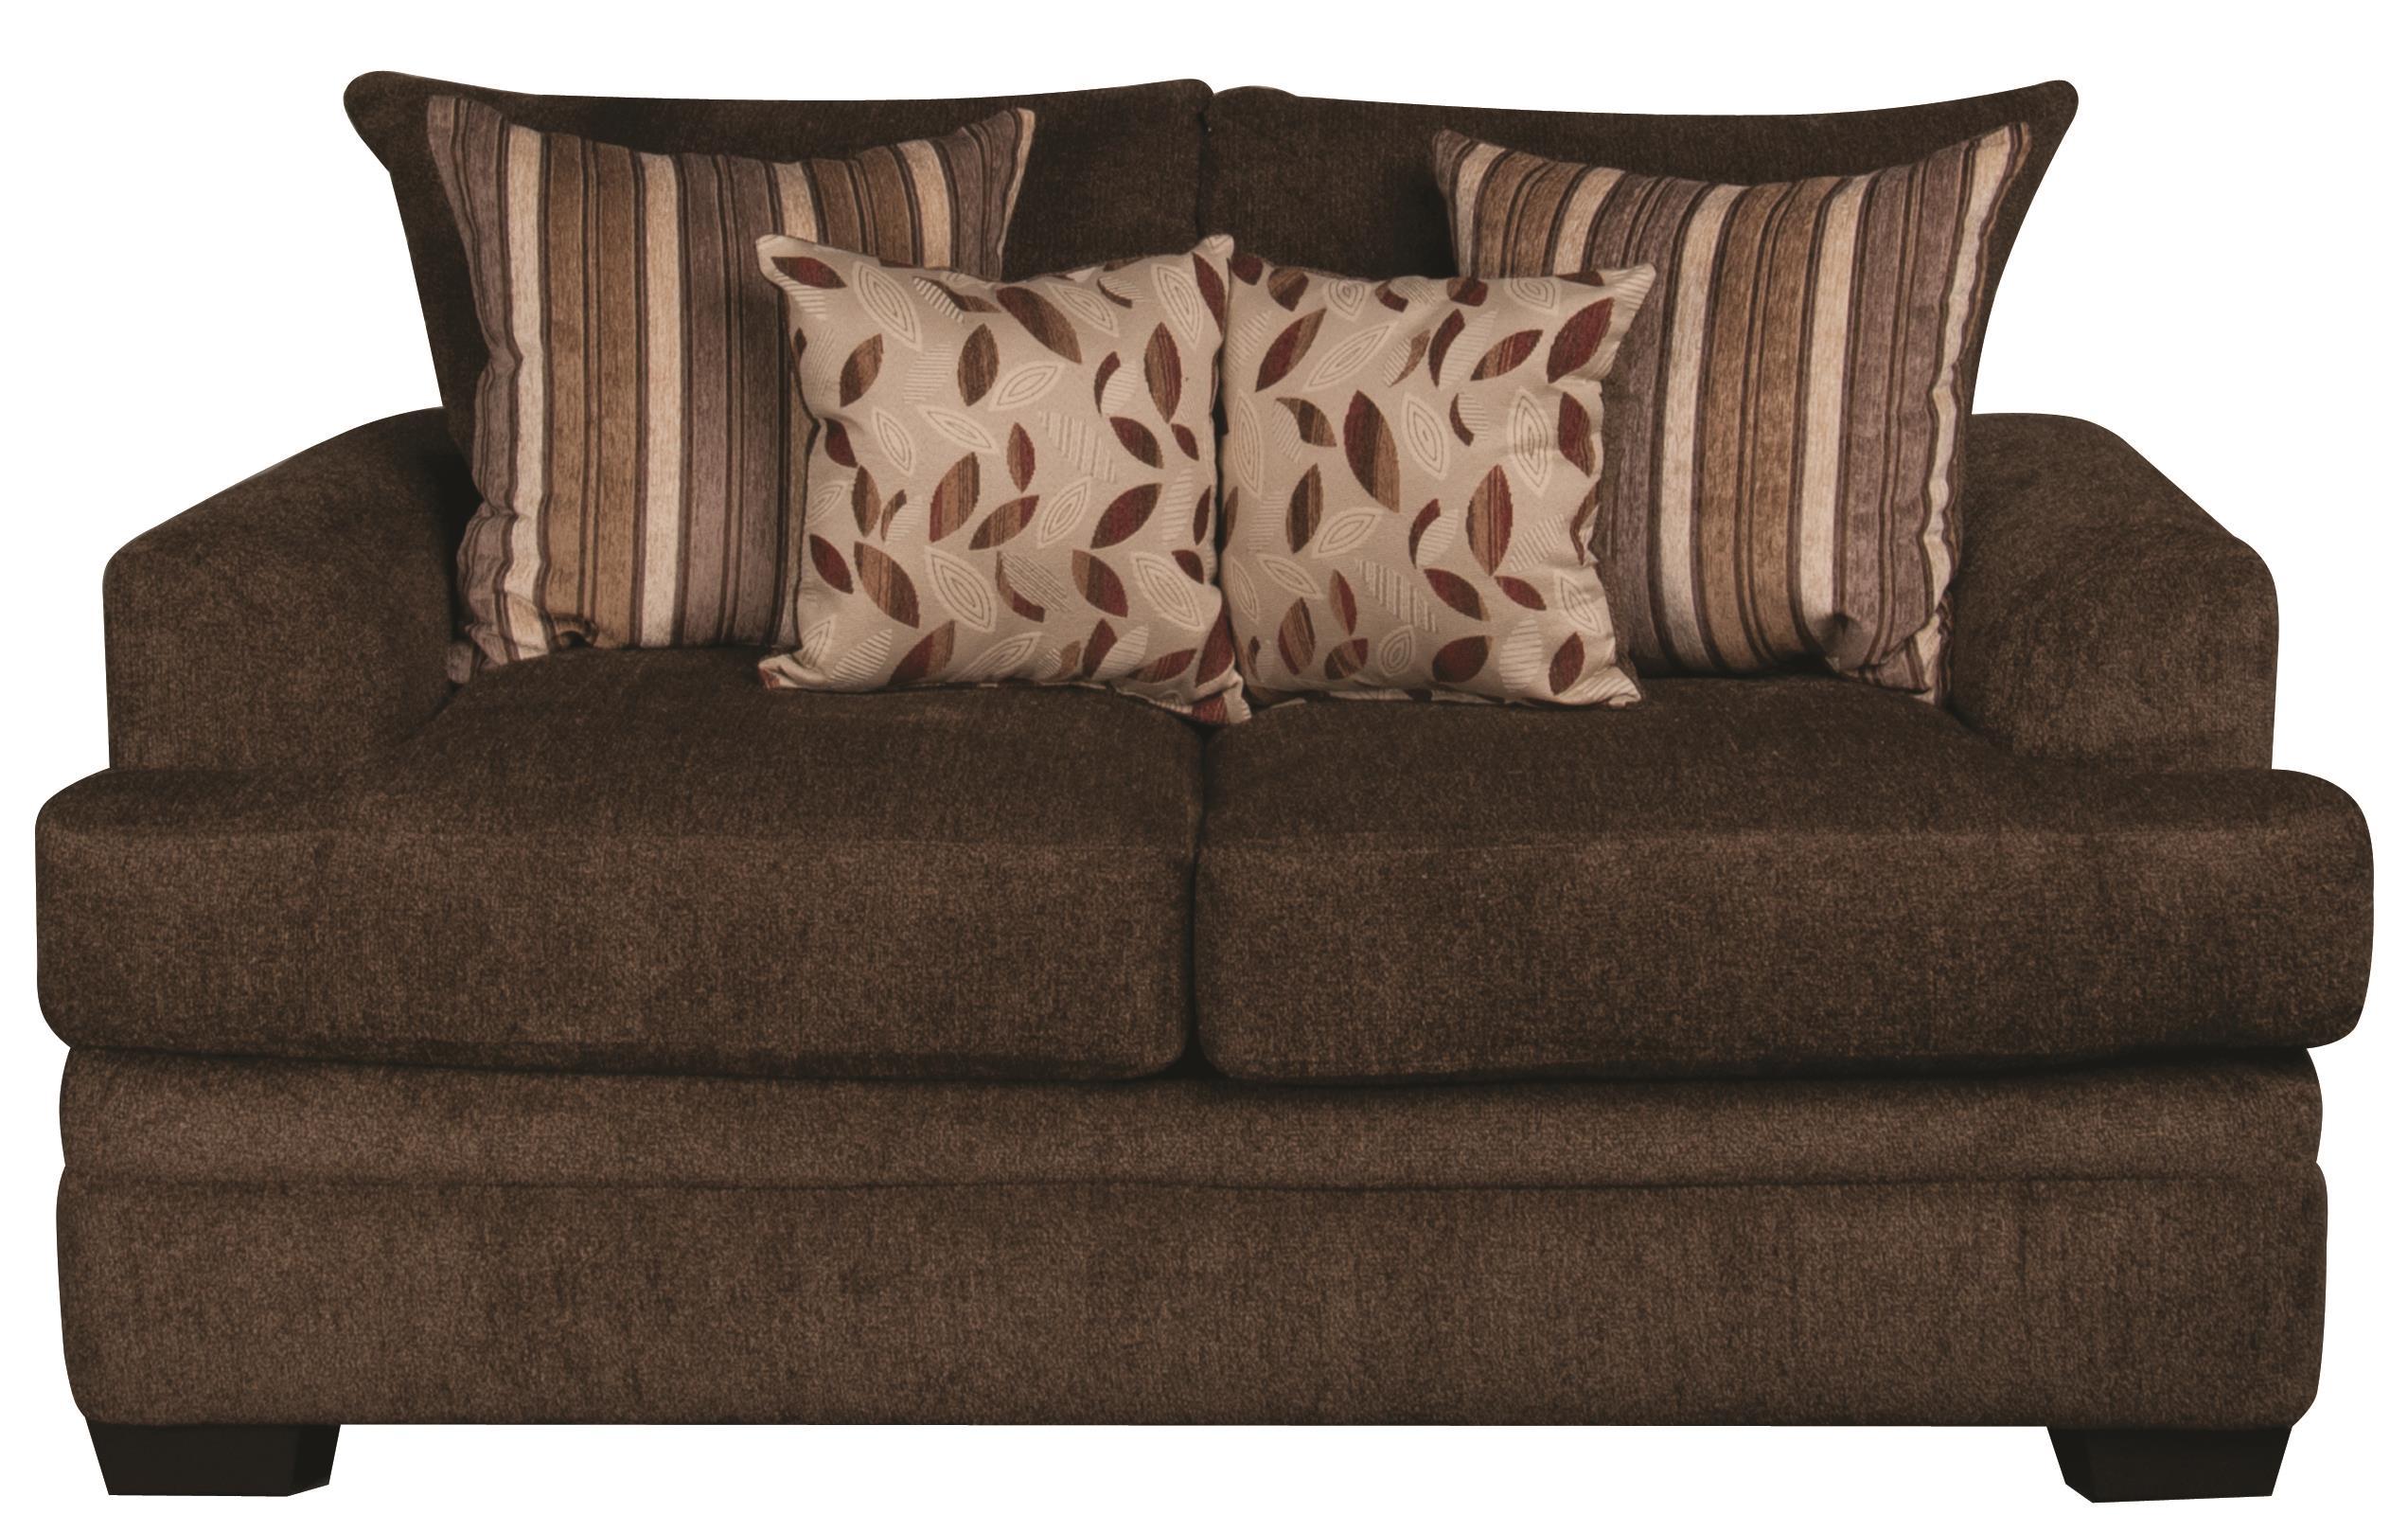 Morris Home Furnishings Eva Eva Loveseat - Item Number: 530058210